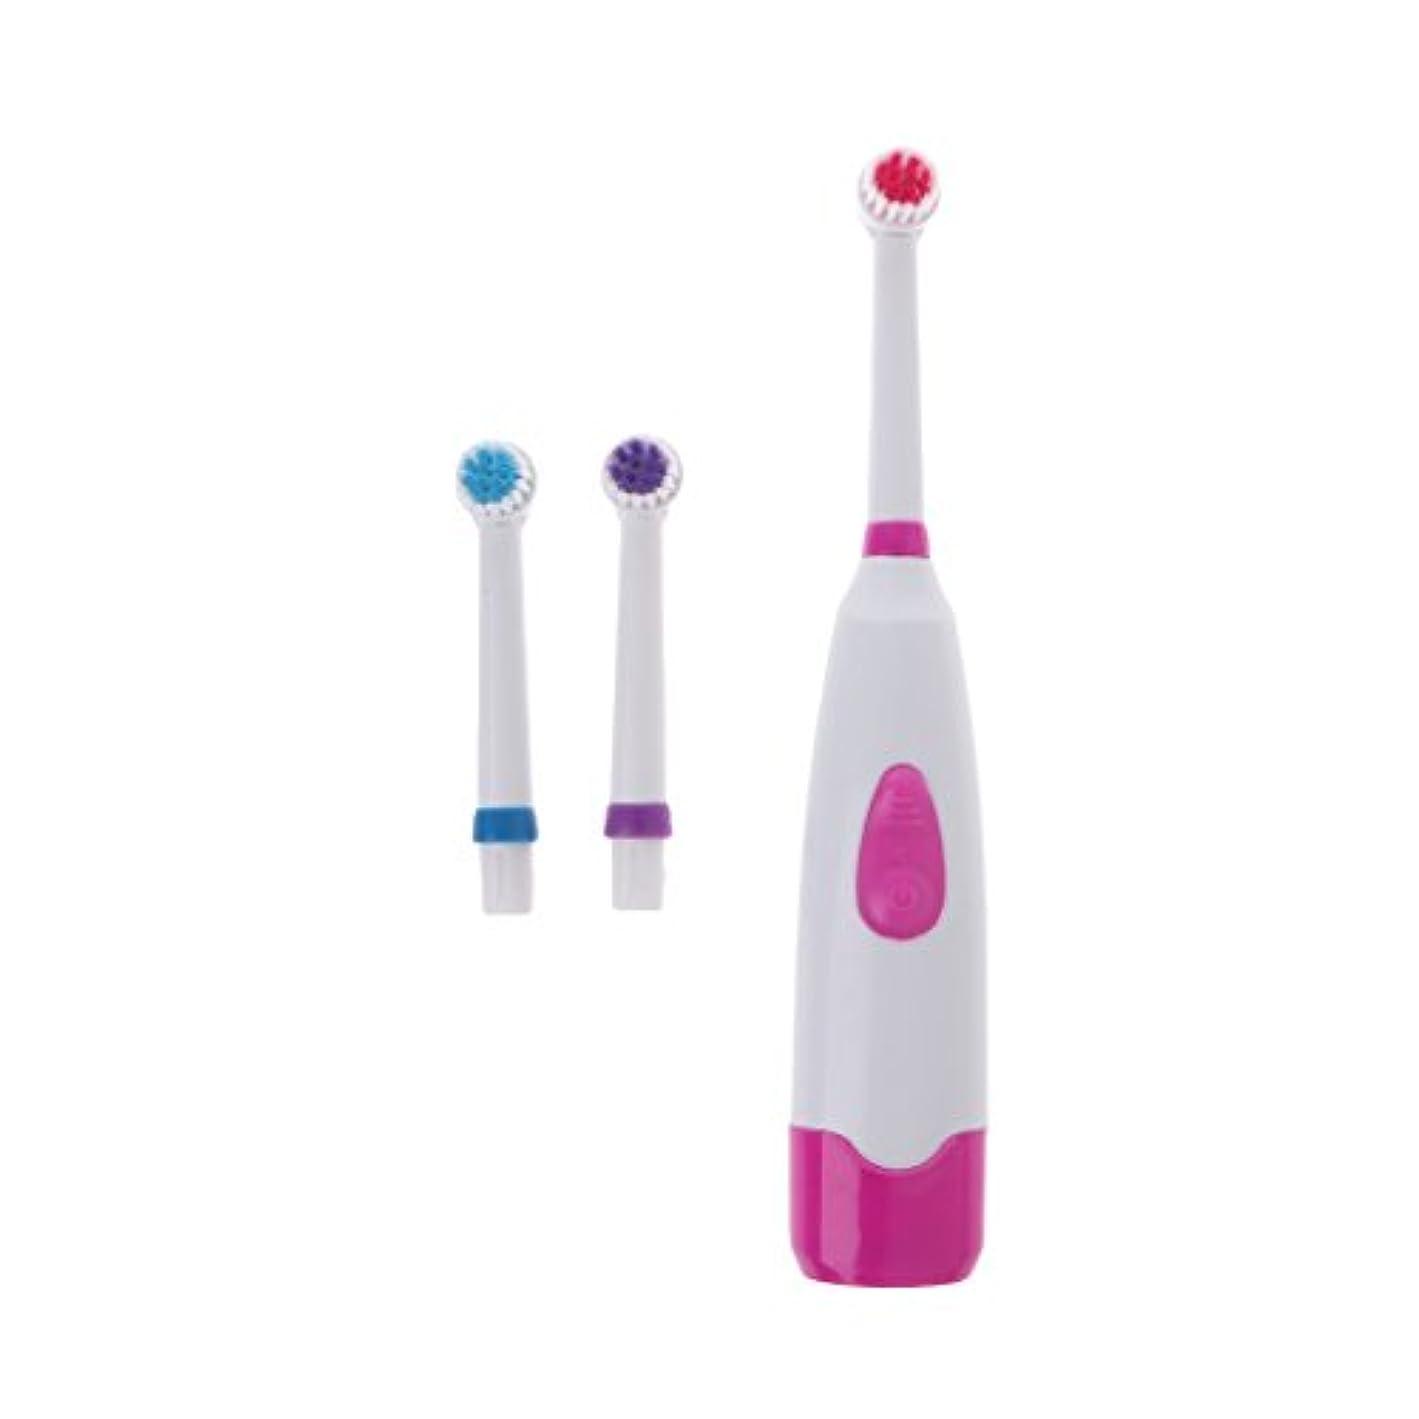 コショウデッドロック暗いManyao 3ブラシヘッドで防水回転電動歯ブラシ (ピンク)